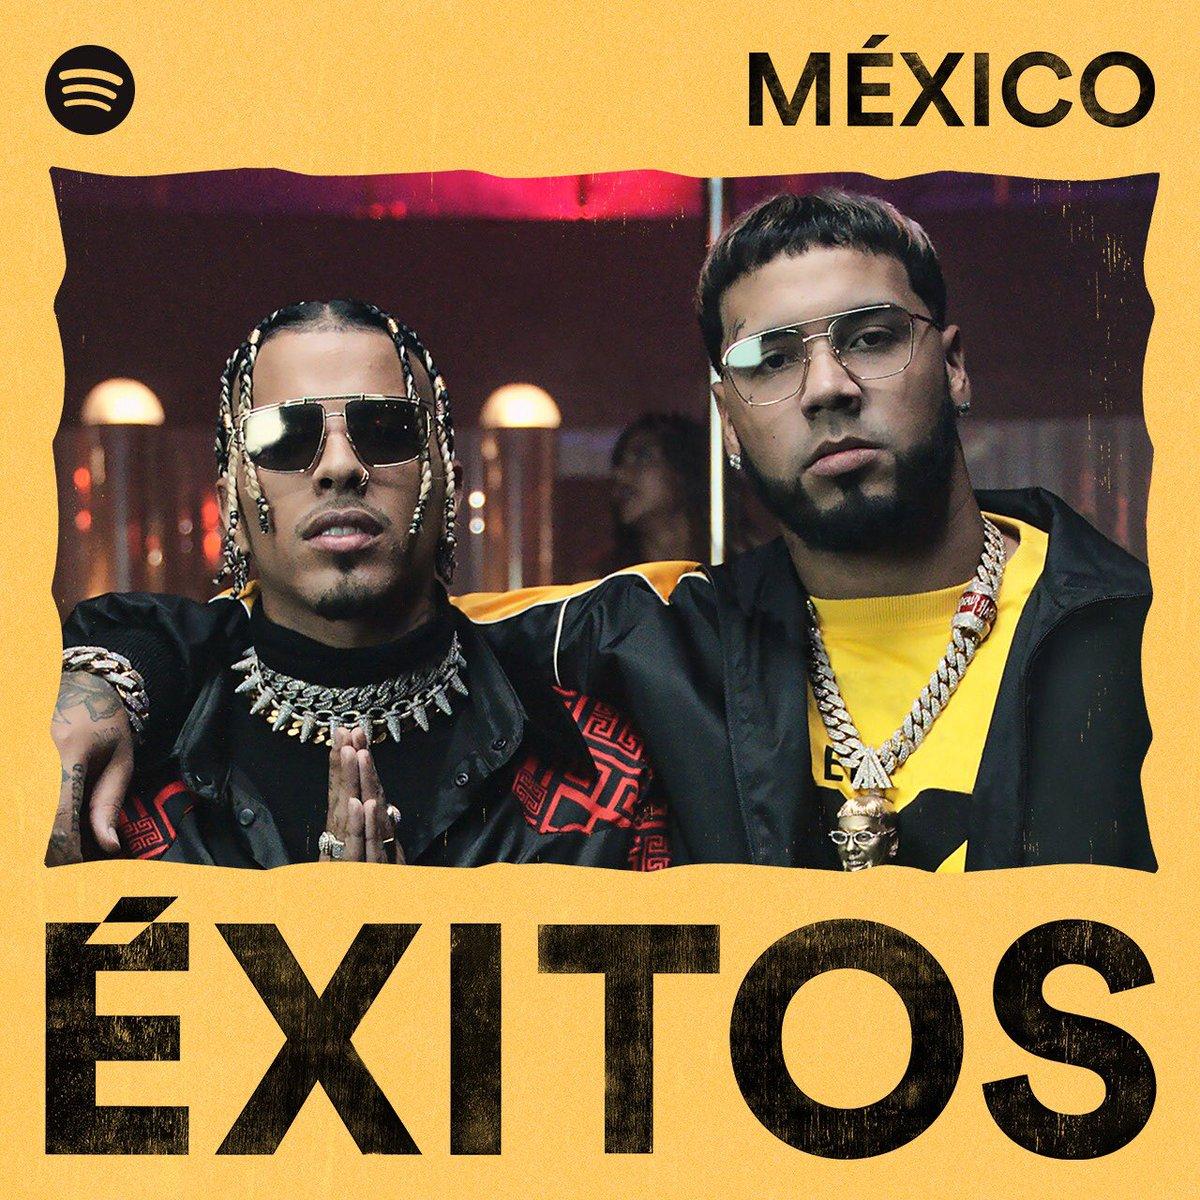 ¡Todo un éxito @rauwalejandro 🦊 y @Anuel_2bleA 👹 con Reloj! En portada en la playlist Éxitos México en @SpotifyMexico 🔥